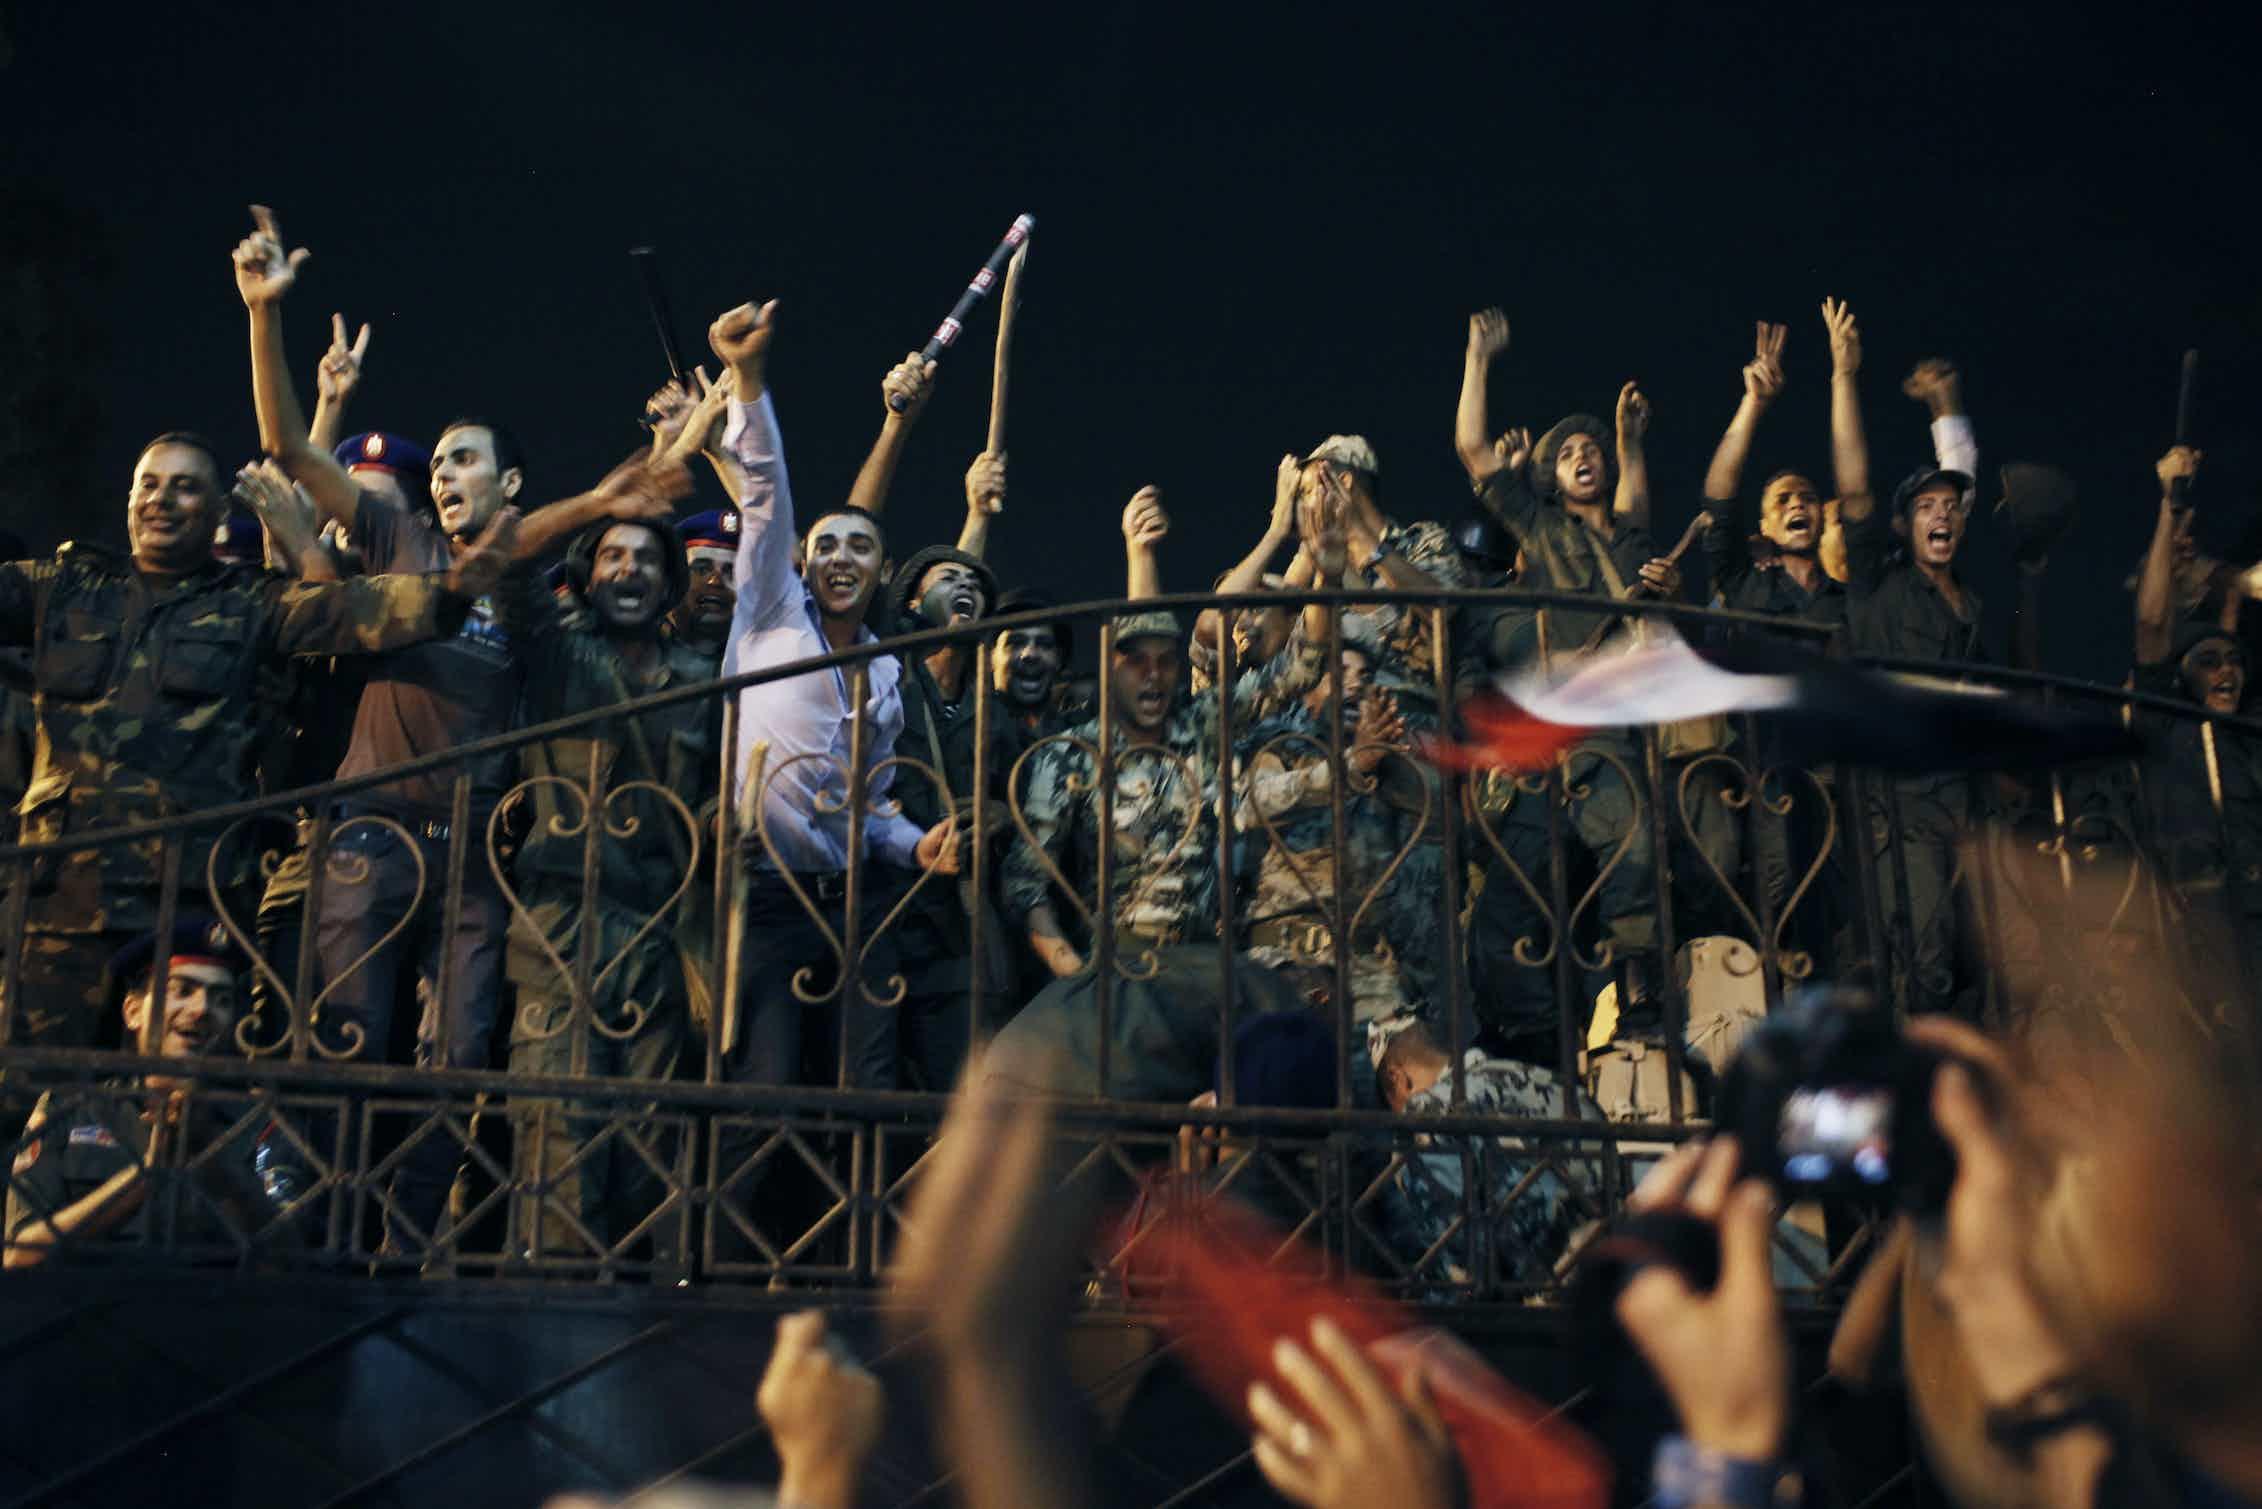 Manifestantes egipcios celebran el golpe militar que derrocó al presidente Mohamed Morsi junto a miembros de la Guardia Republicana de Egipto el 3 de julio de 2013 en El Cairo.Ed Giles/Getty Images